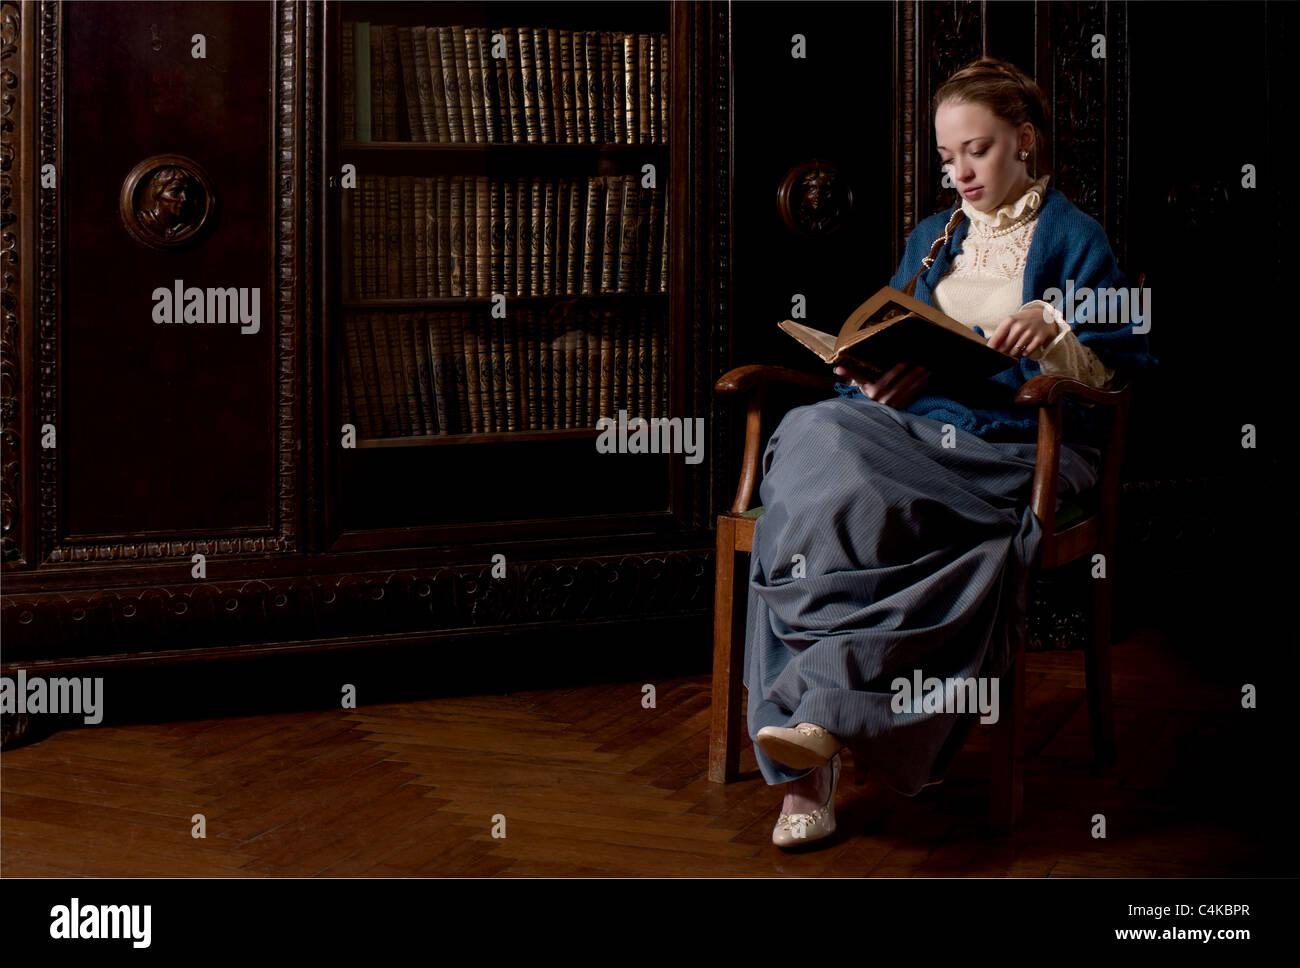 Retro-Stil gekleidet Frauen ein Buch zu lesen Stockbild